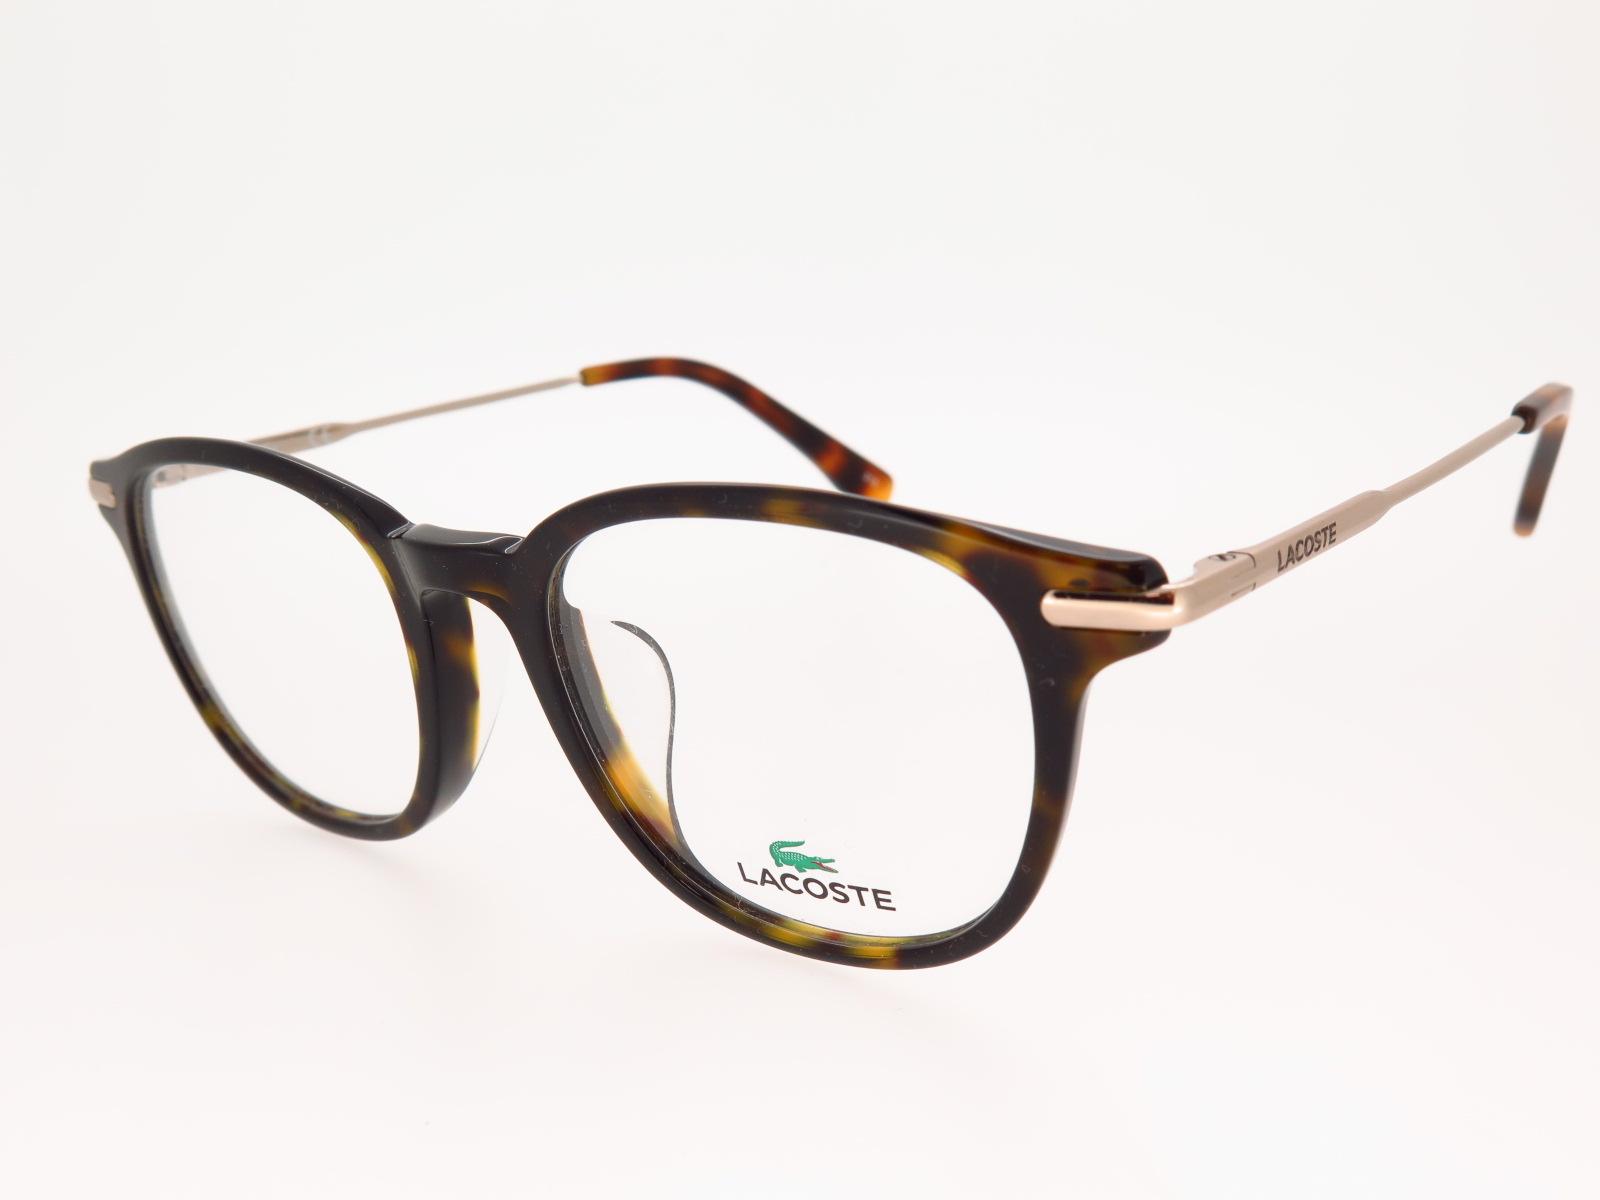 LACOSTE ラコステ ブランド メガネ アジアンフィット スクエア型 セルフレーム L2835A 214 50サイズ